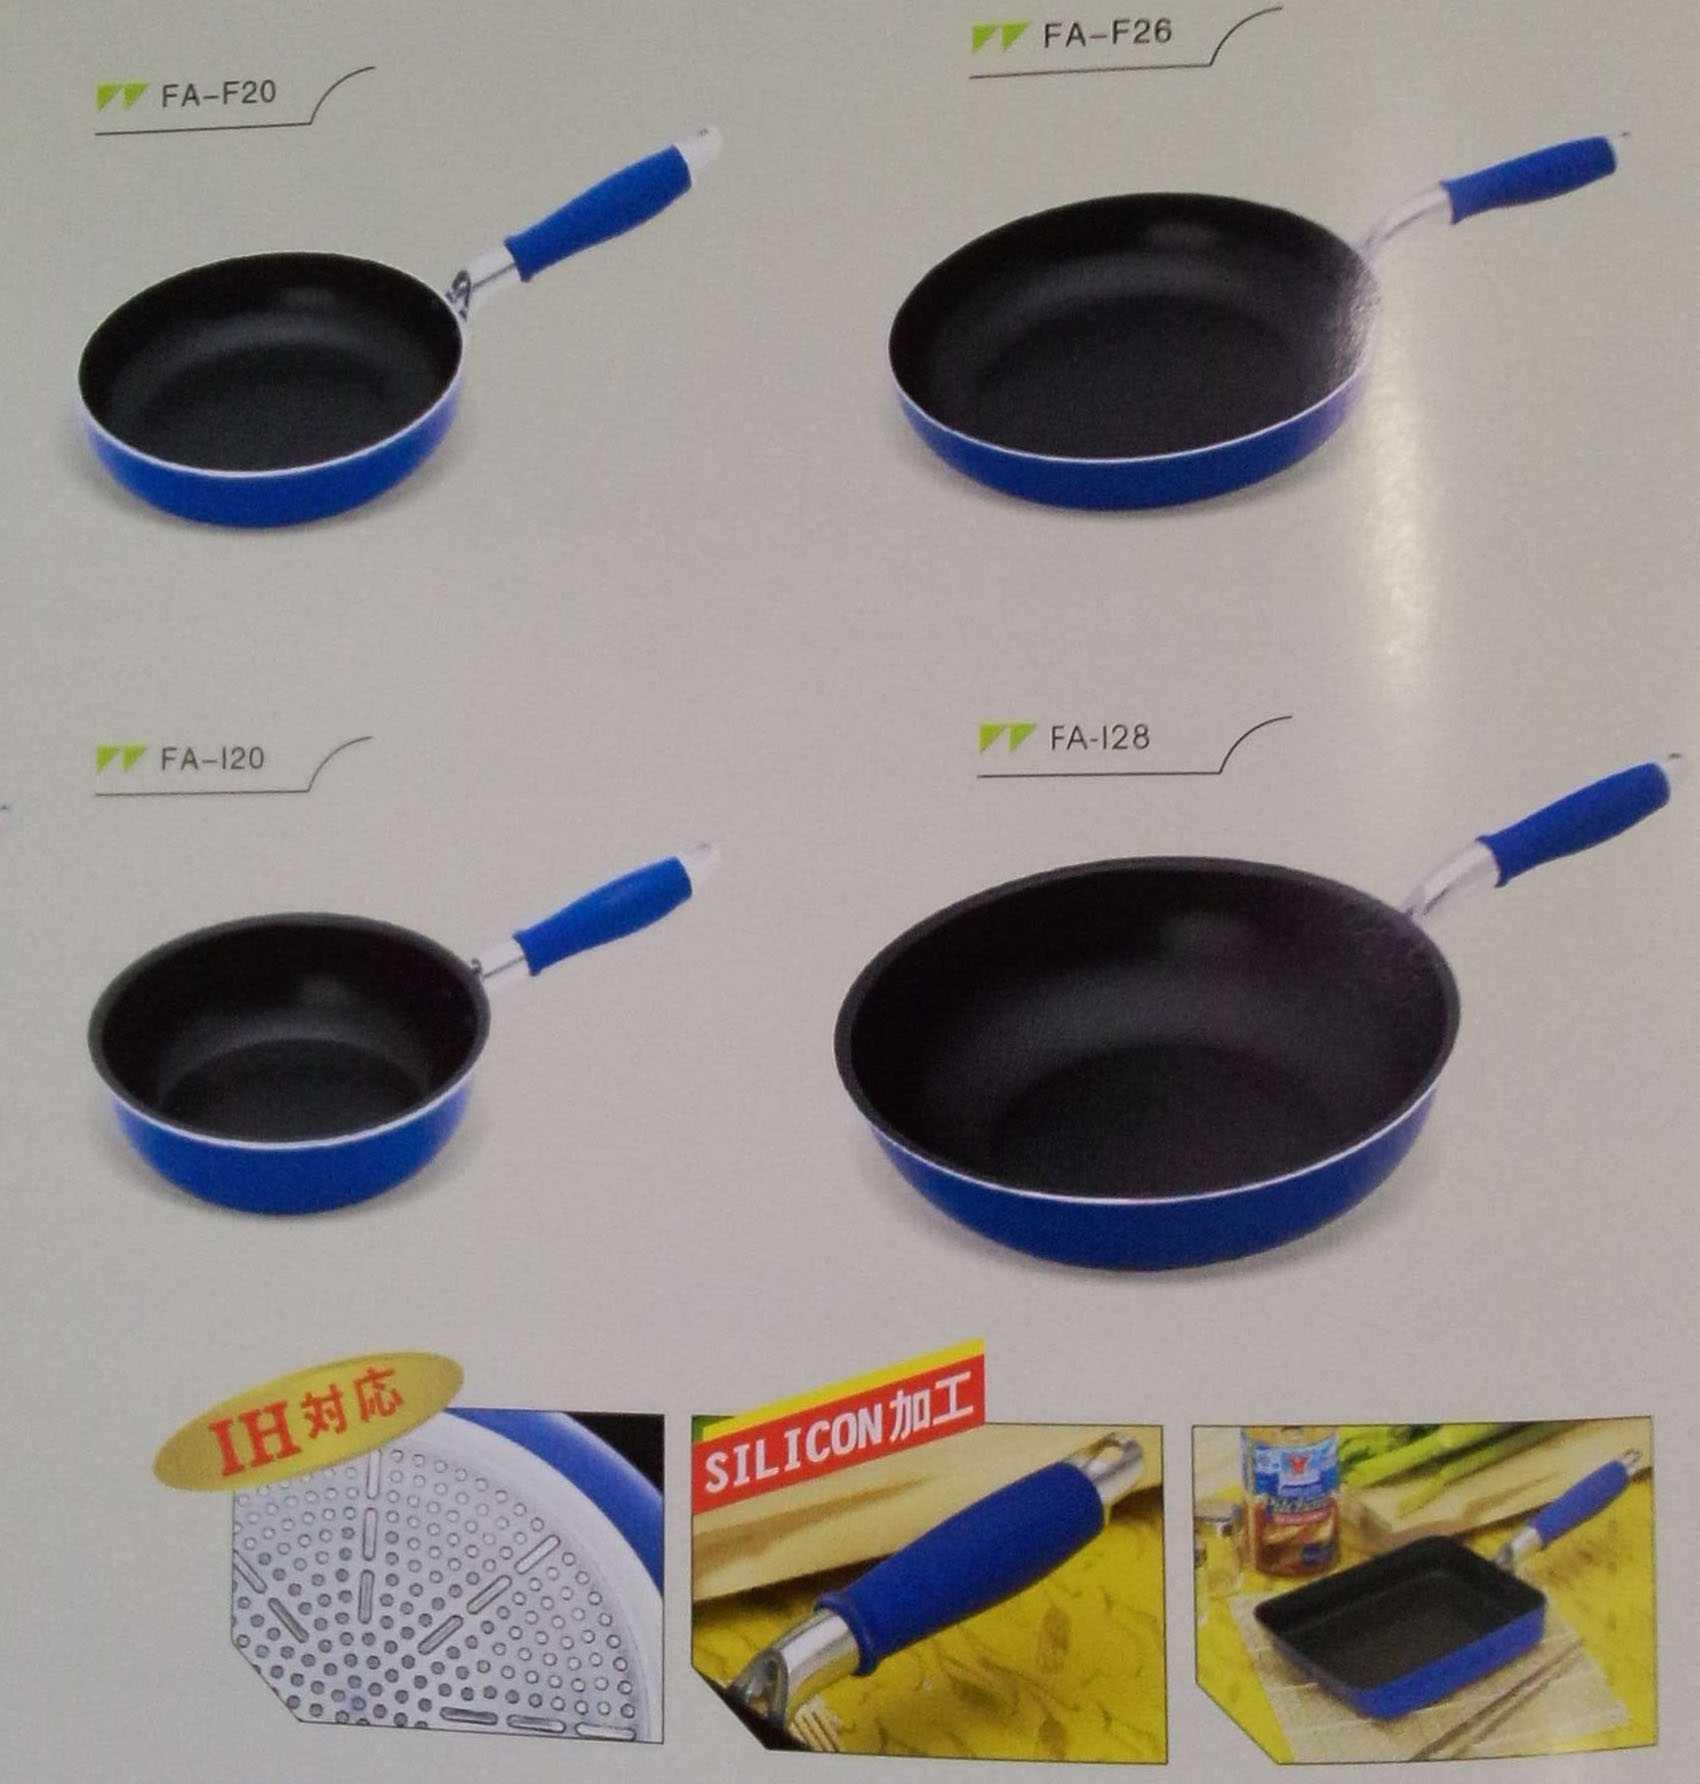 Xinri Fry Pan Series